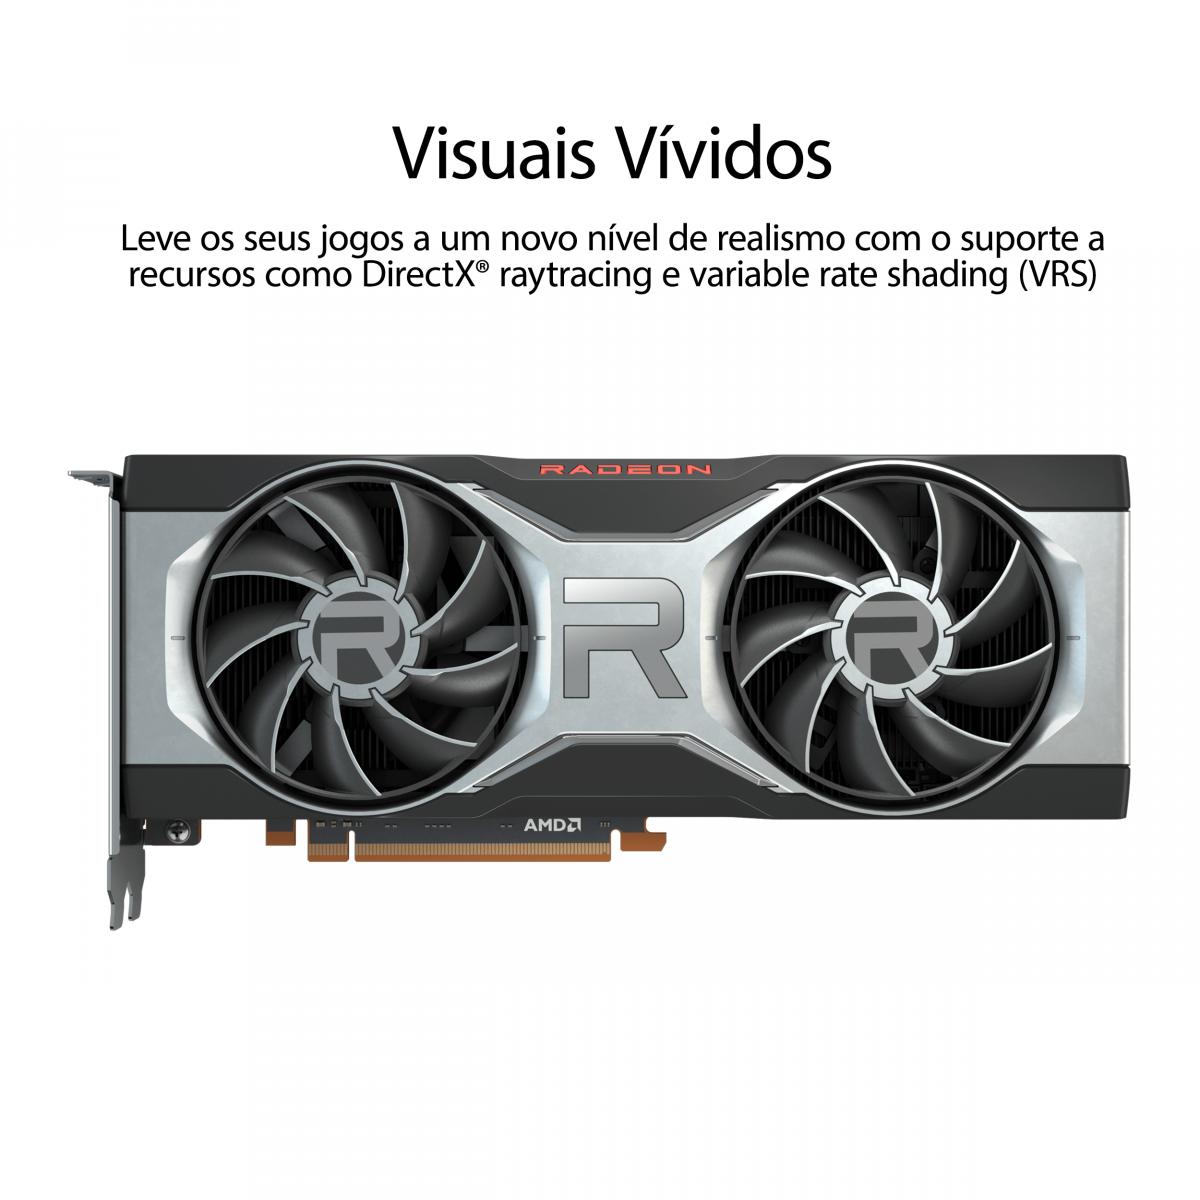 Placa de Vídeo ASUS Radeon RX 6700 XT, 12GB, GDDR6, 256bit, RX6700XT-12G